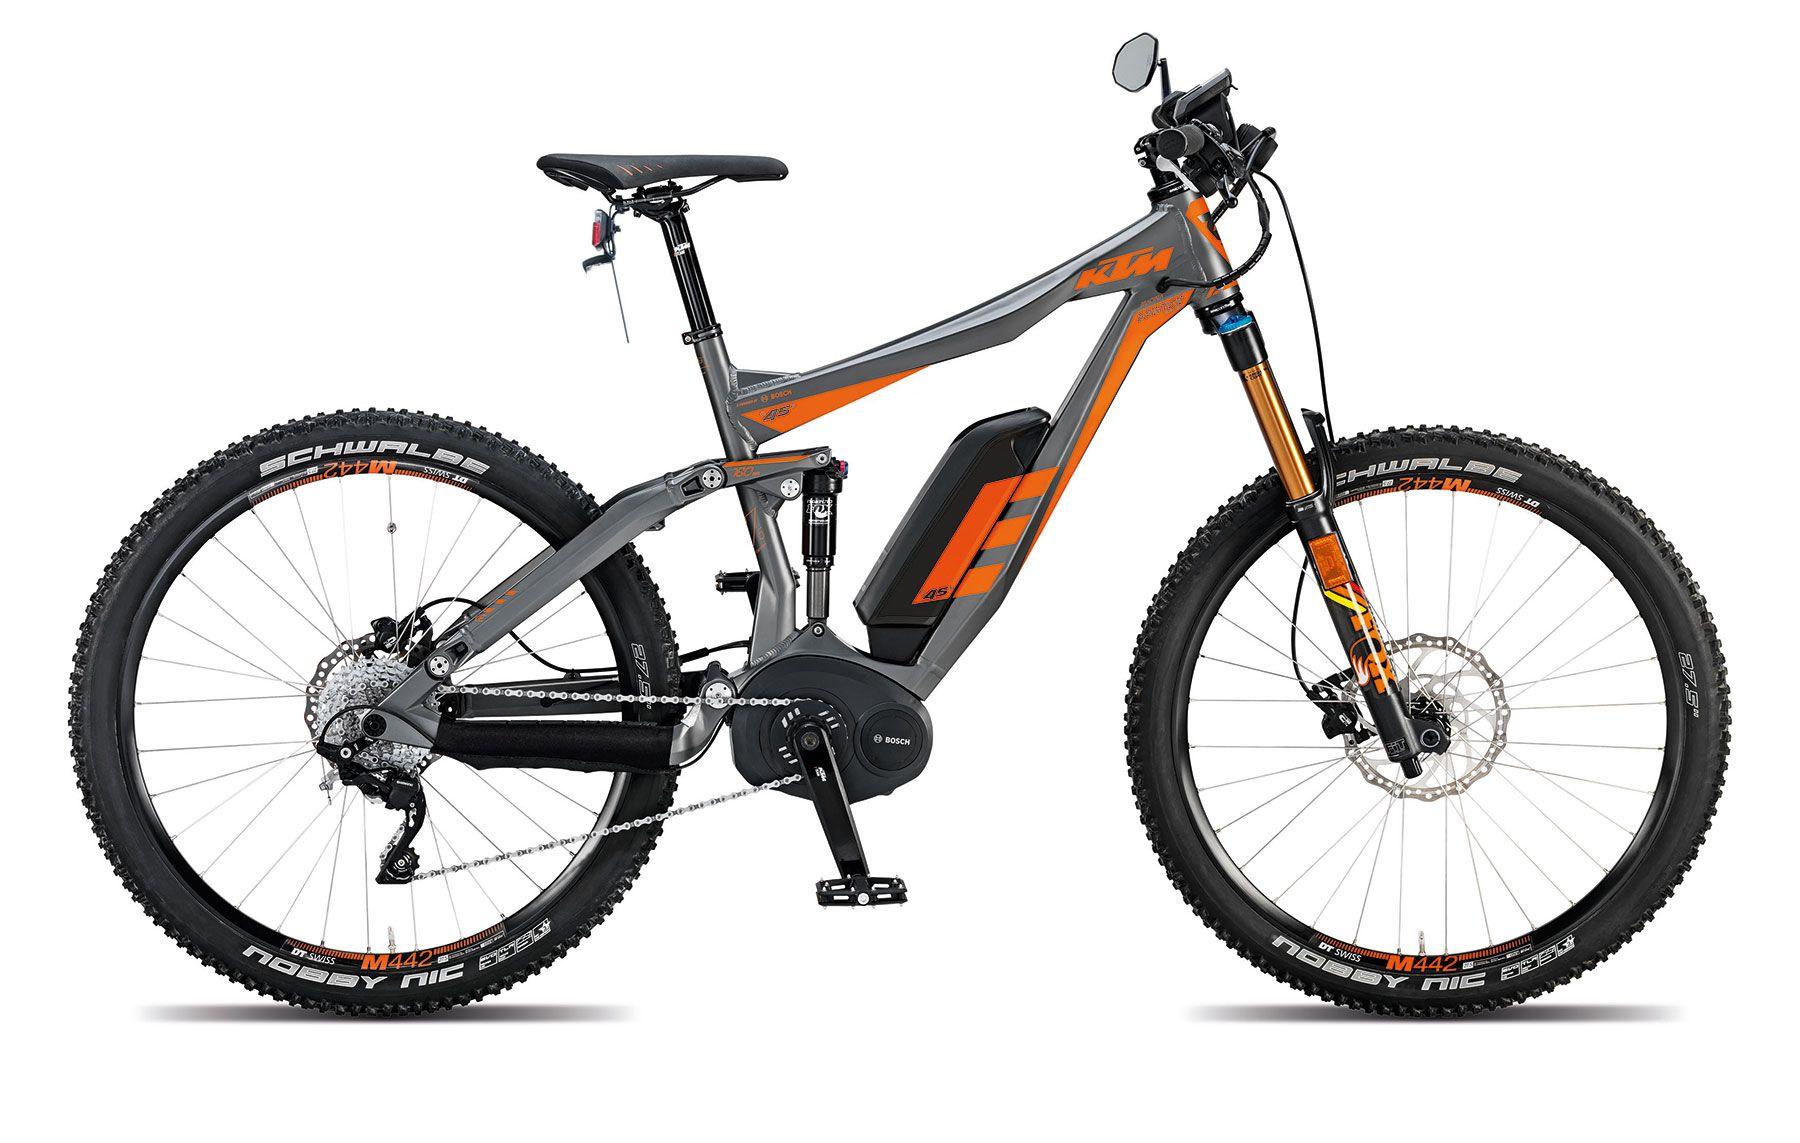 E Bike Ktm Bike Industries Bike Ebike Push Bikes